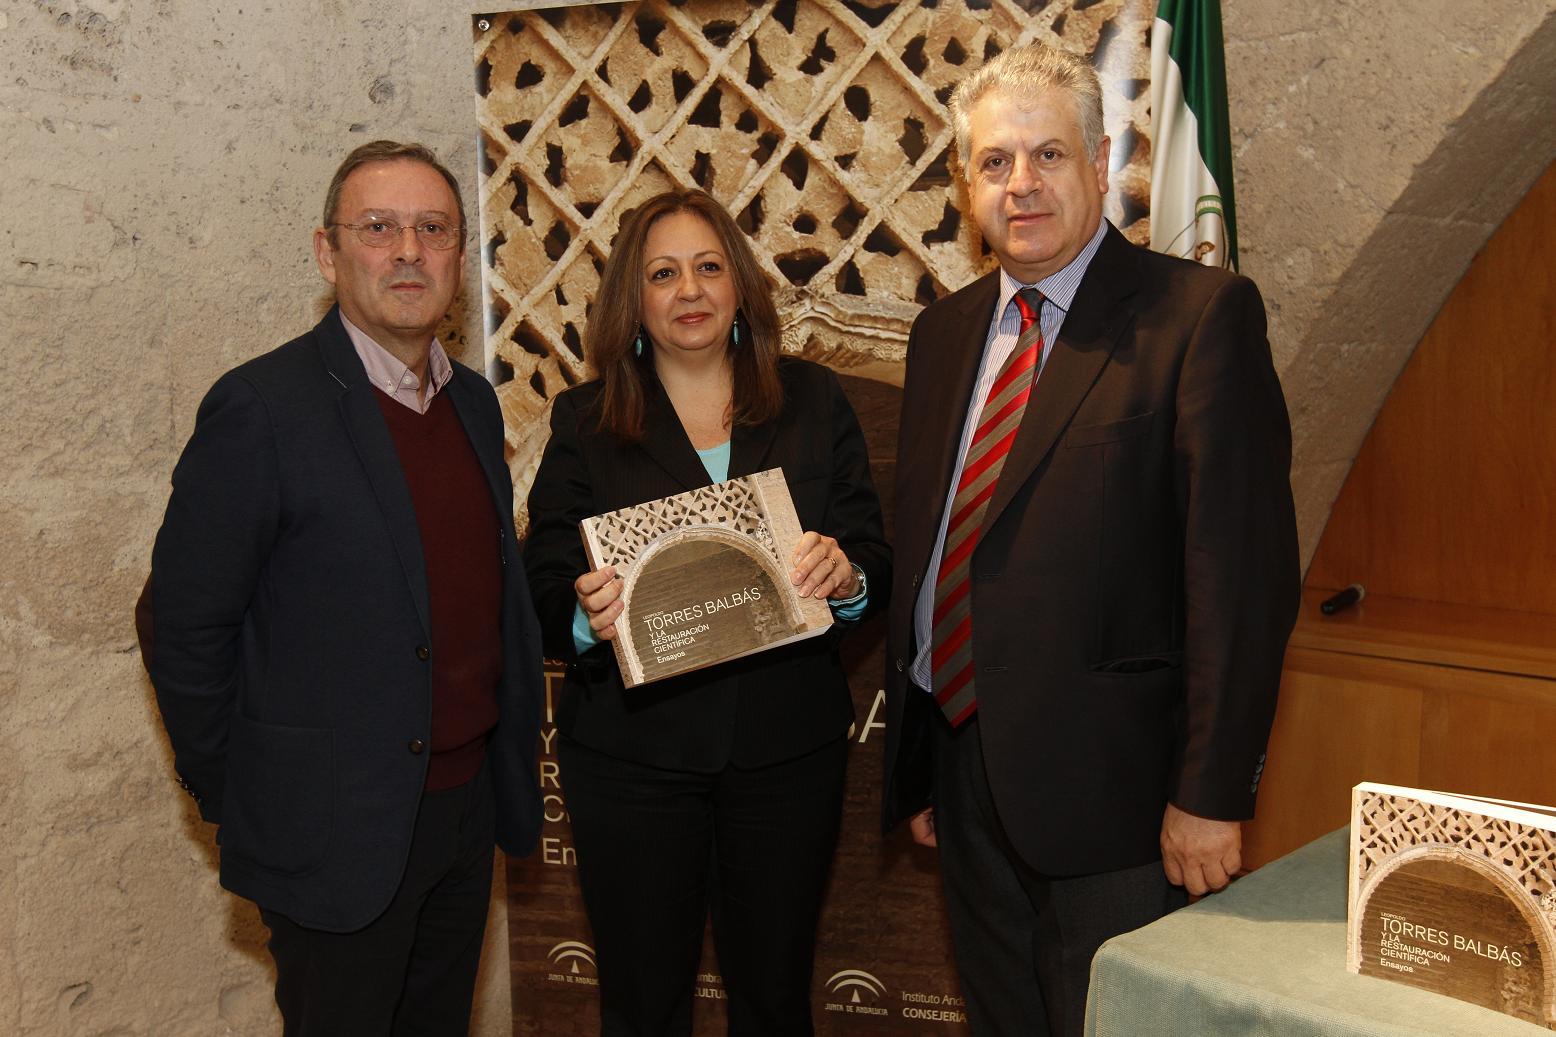 La Alhambra comienza el homenaje a Torres Balbás con un libro de ensayos